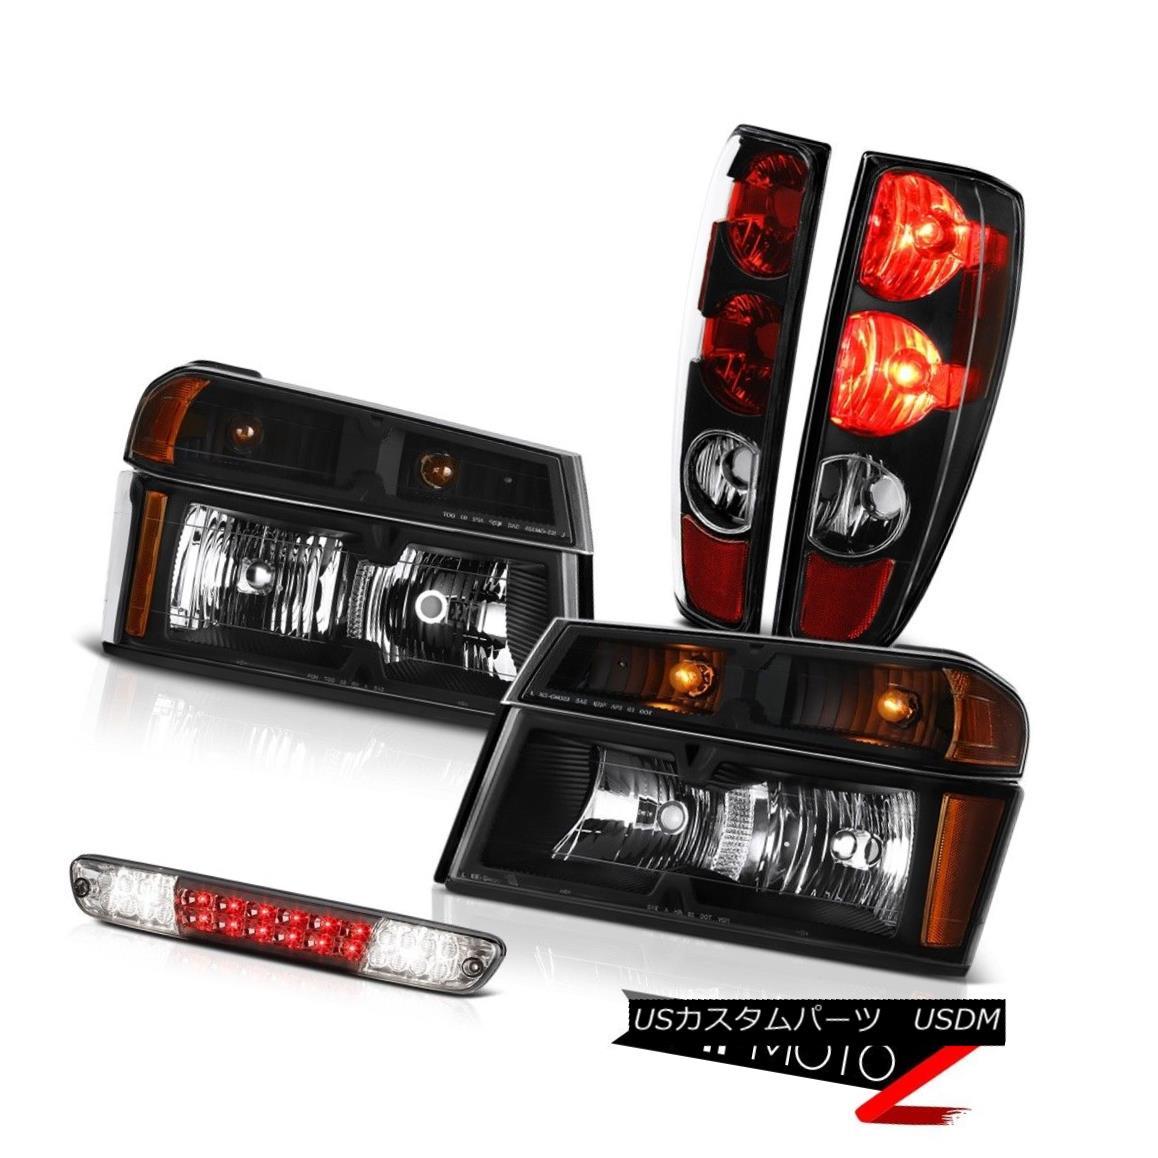 テールライト 2004-2012 Colorado Factory Style Tail Light Set Head Led 3Rd Brake Replacement 2004年から2012年のコロラド工場のスタイルのテールライトセットヘッドは3Rdブレーキ交換を導いた